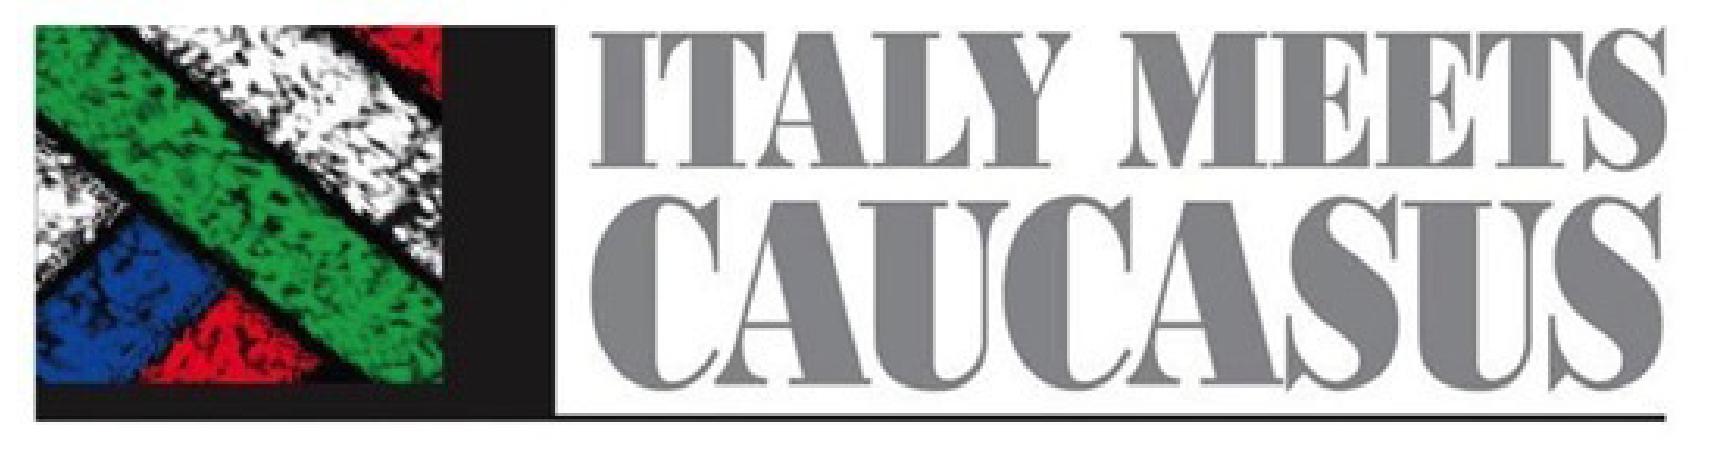 Italy Meets Caucasus 2016 10 _News per il sito